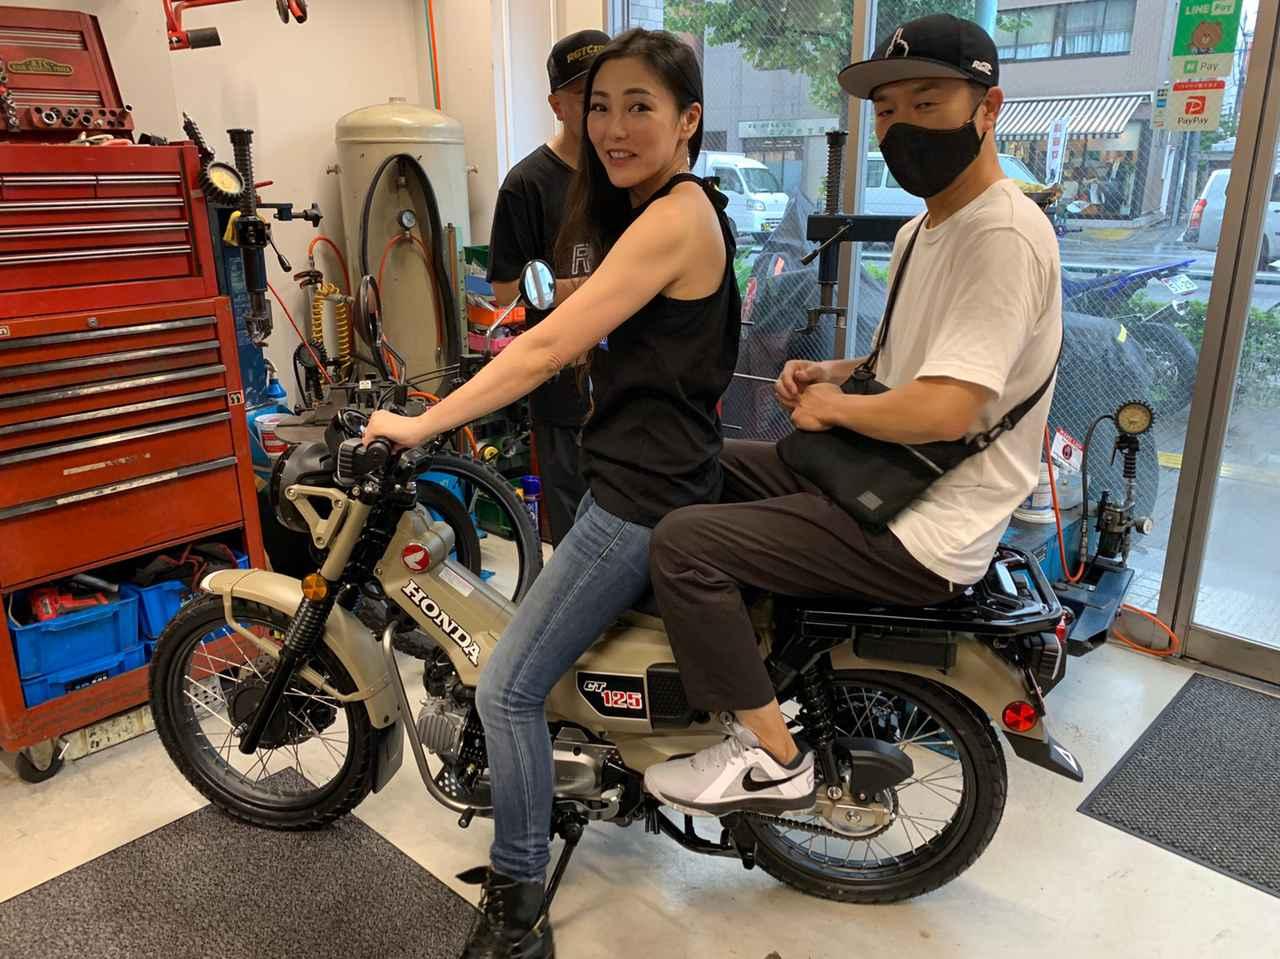 Images : 15番目の画像 - 「ハンターカブだよ! あたしも、カブ主になりました。(福山理子)」のアルバム - webオートバイ